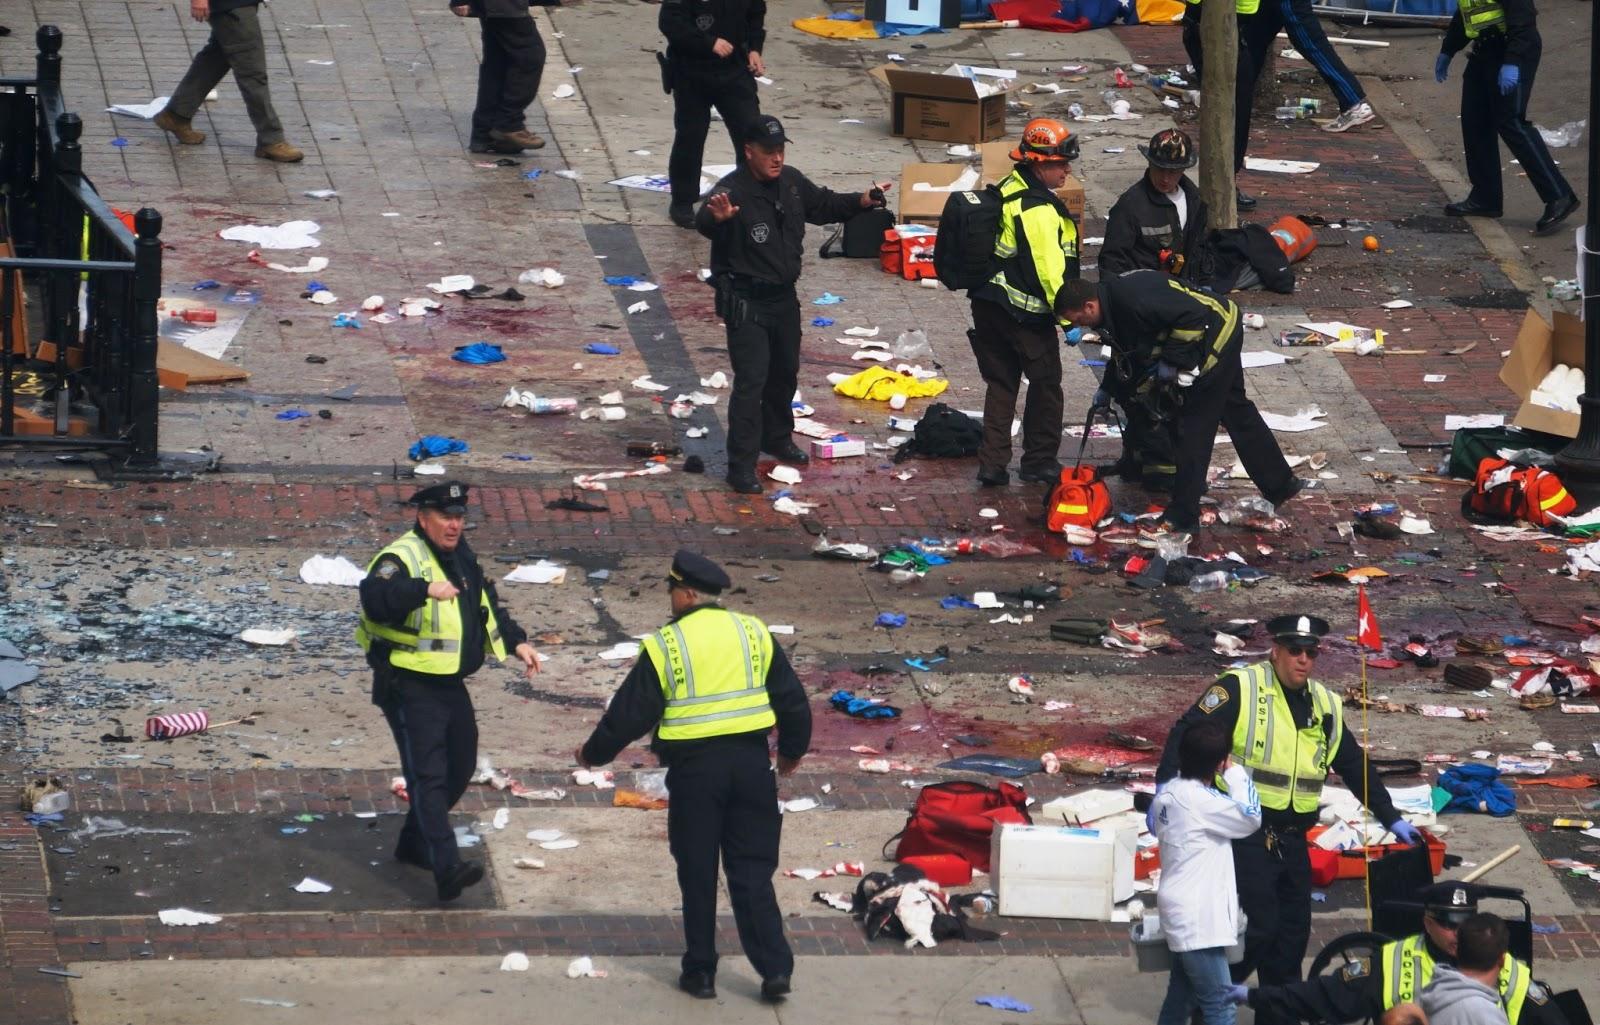 El terrorismo continúa porque es recompensado – Por Alan M. Dershowitz